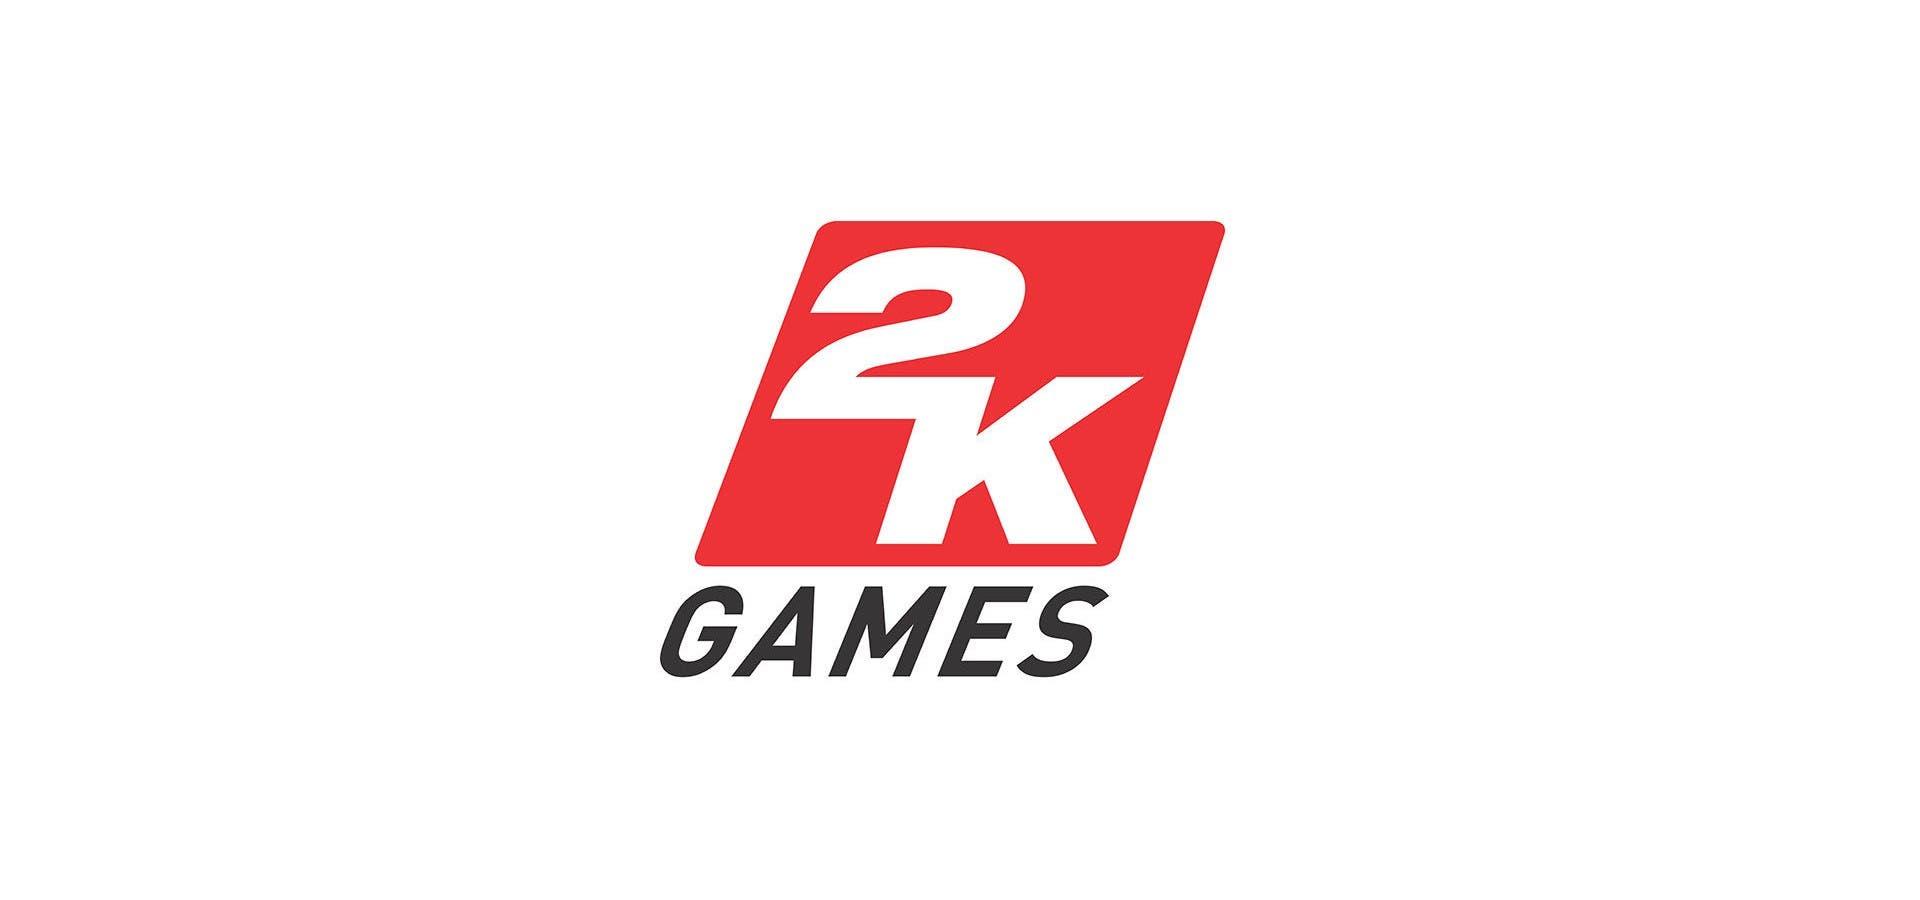 Hackean las redes sociales de 2K Games 4